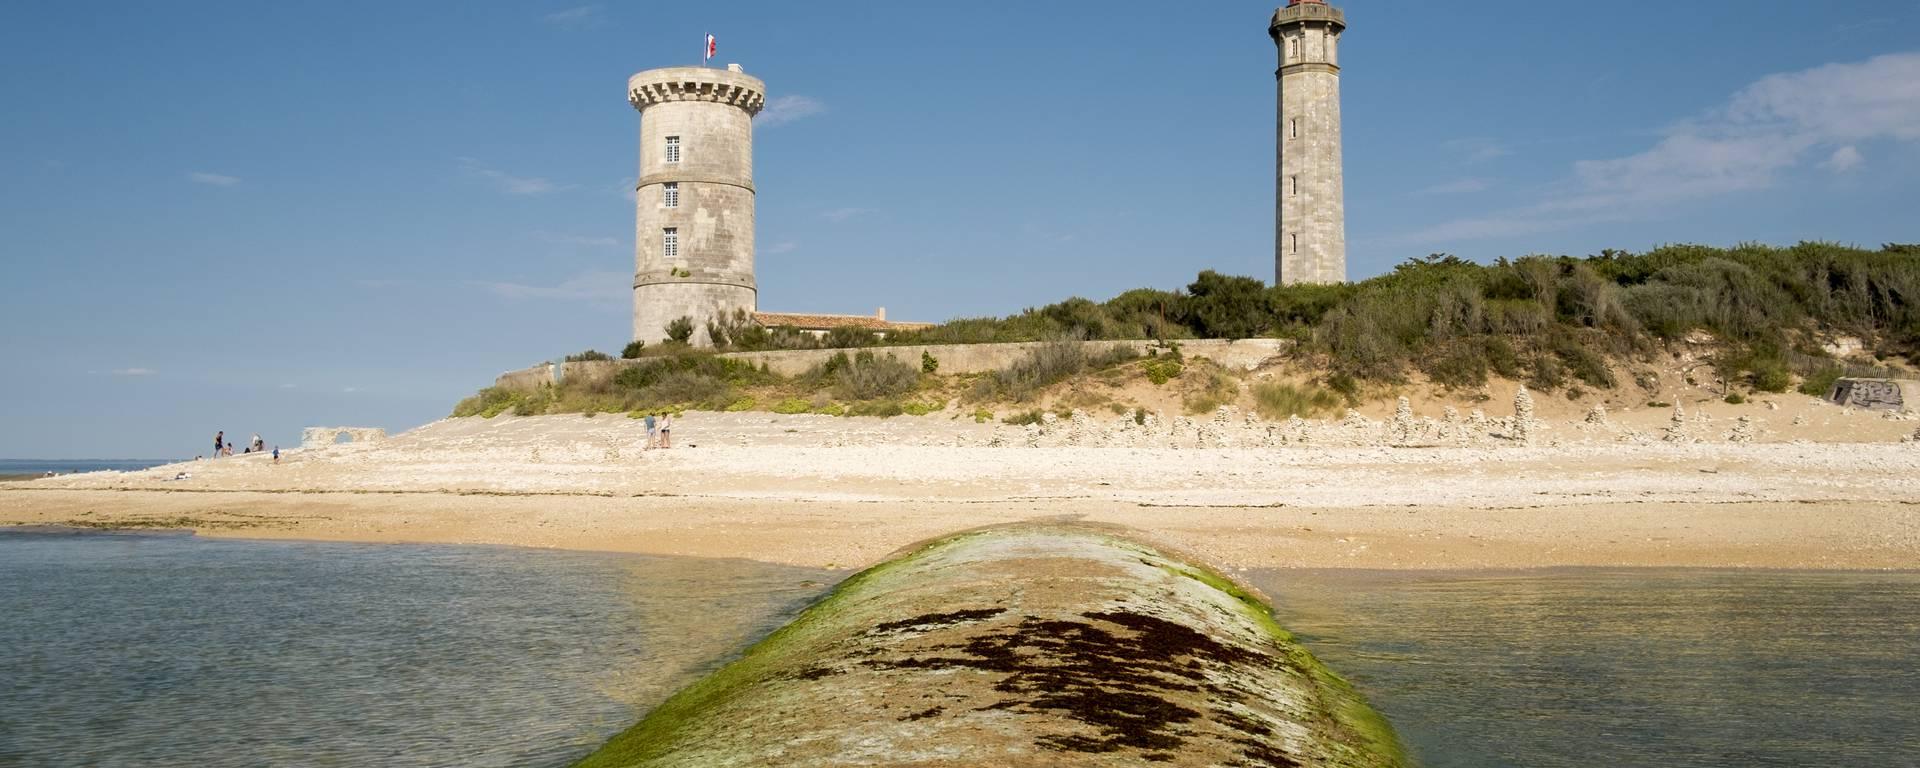 lighthouse Saint-Clément des Baleines